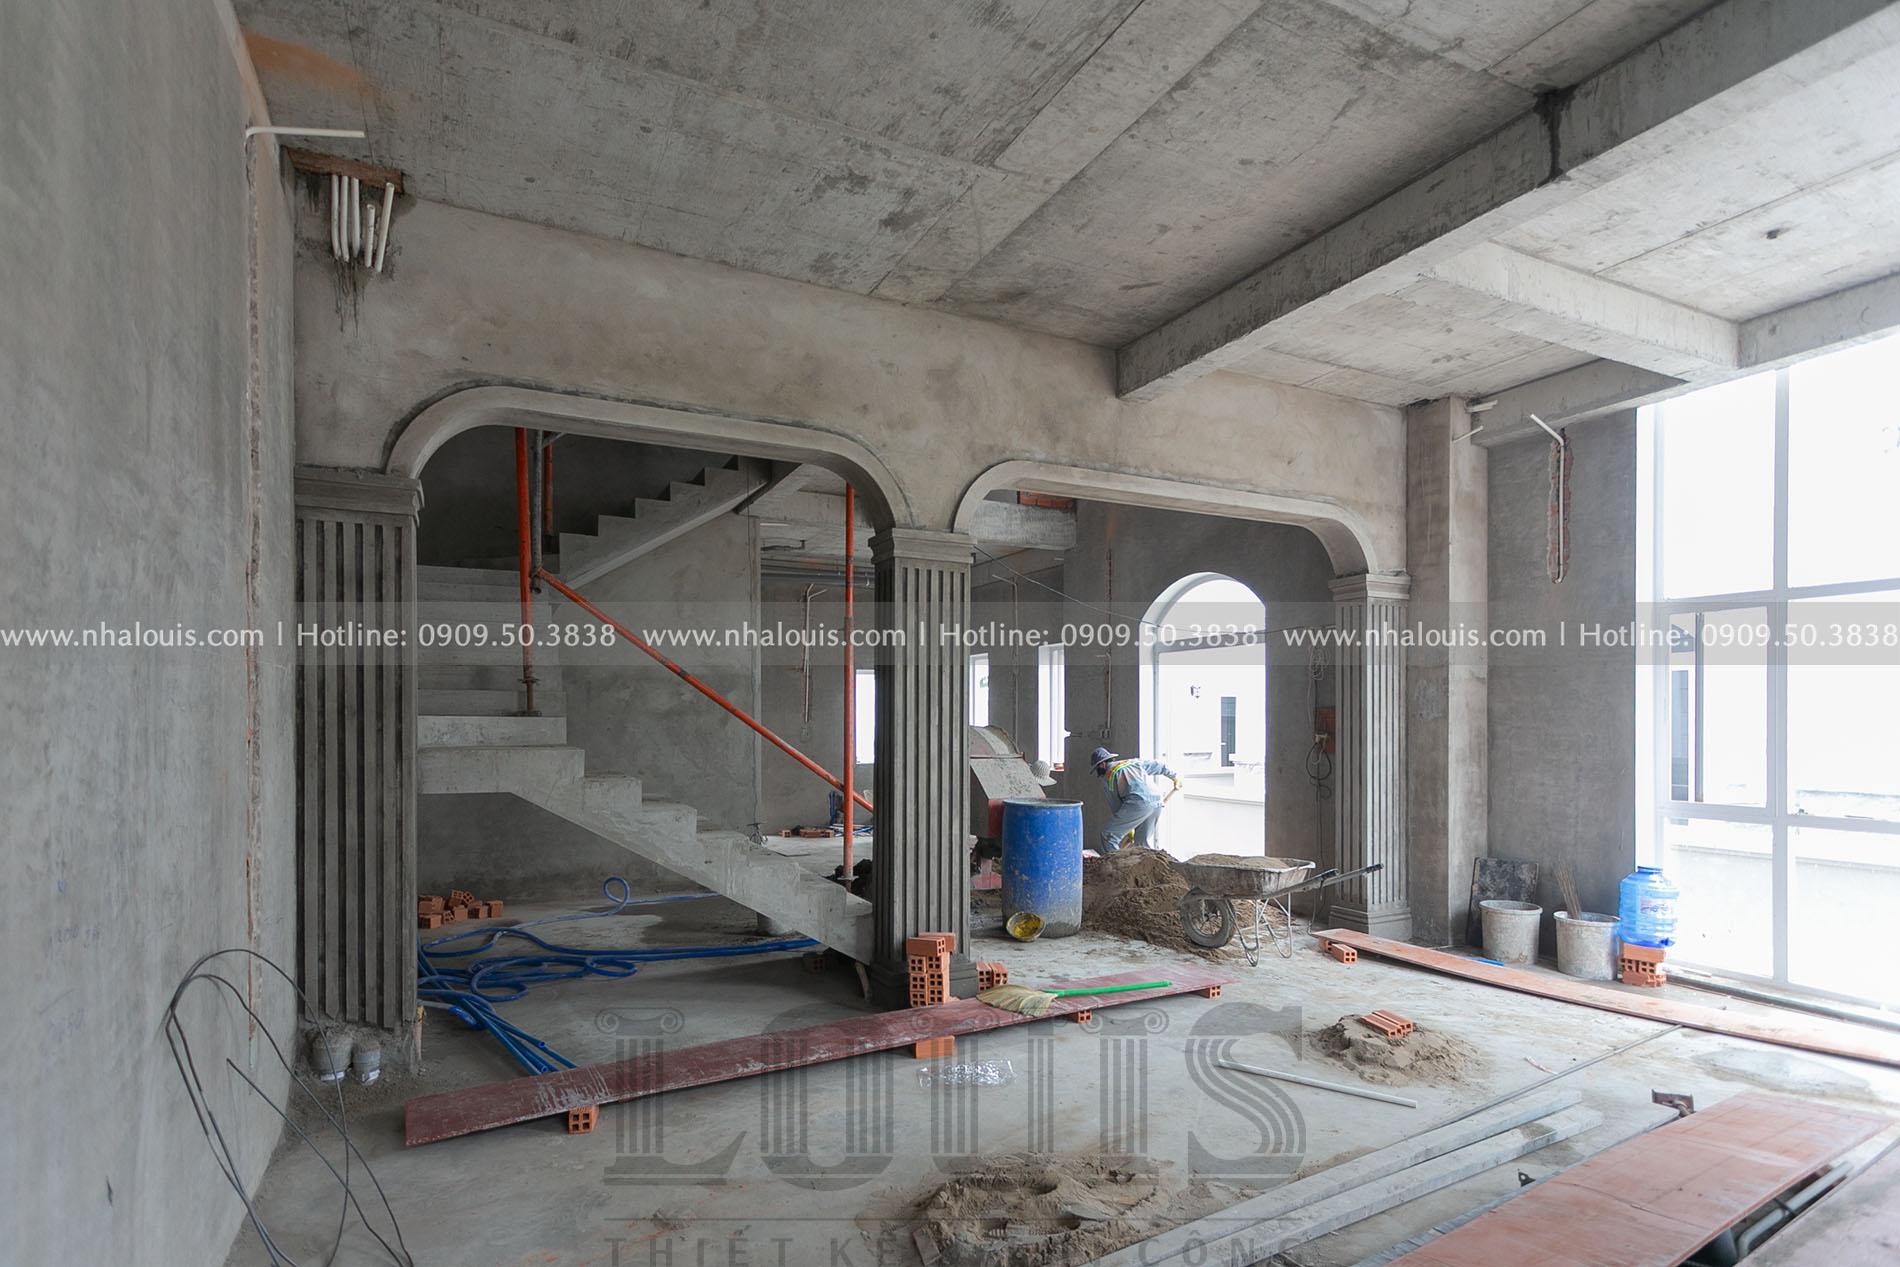 Thi công hoàn thiện nội thất biệt thự tân cổ điển tại Quận 2